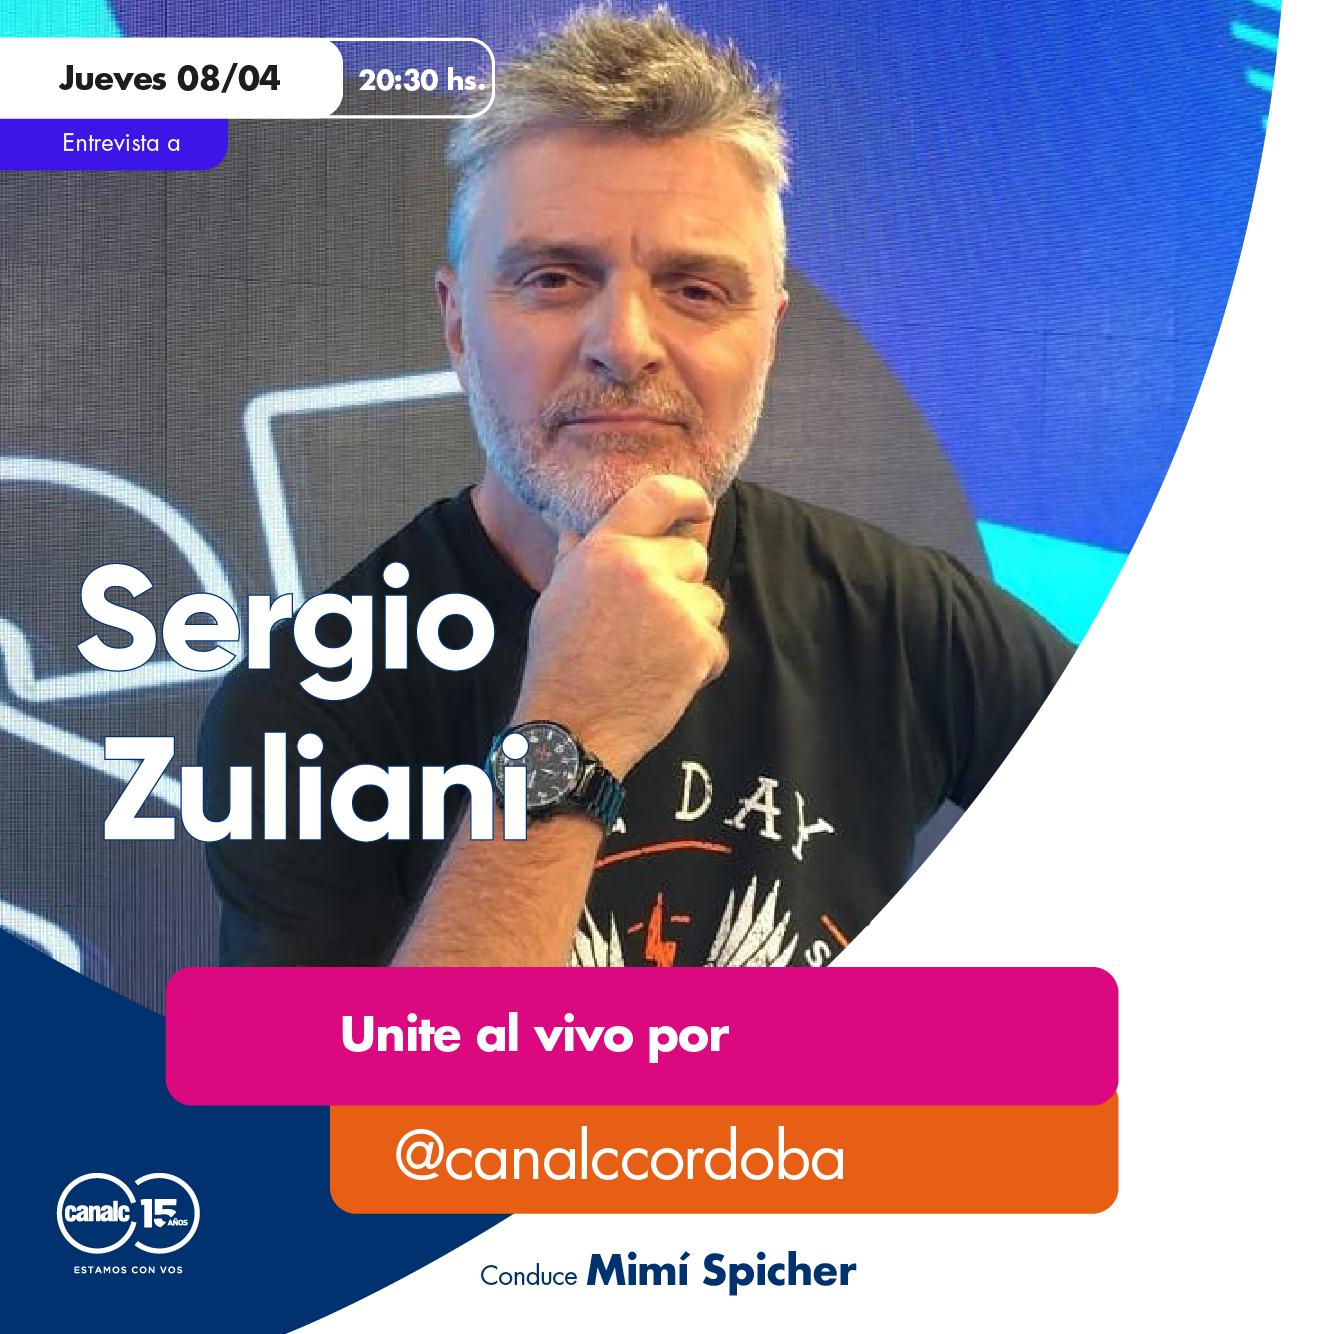 ¡Llega Sergio Zuliani al Instagram Live! • Canal C